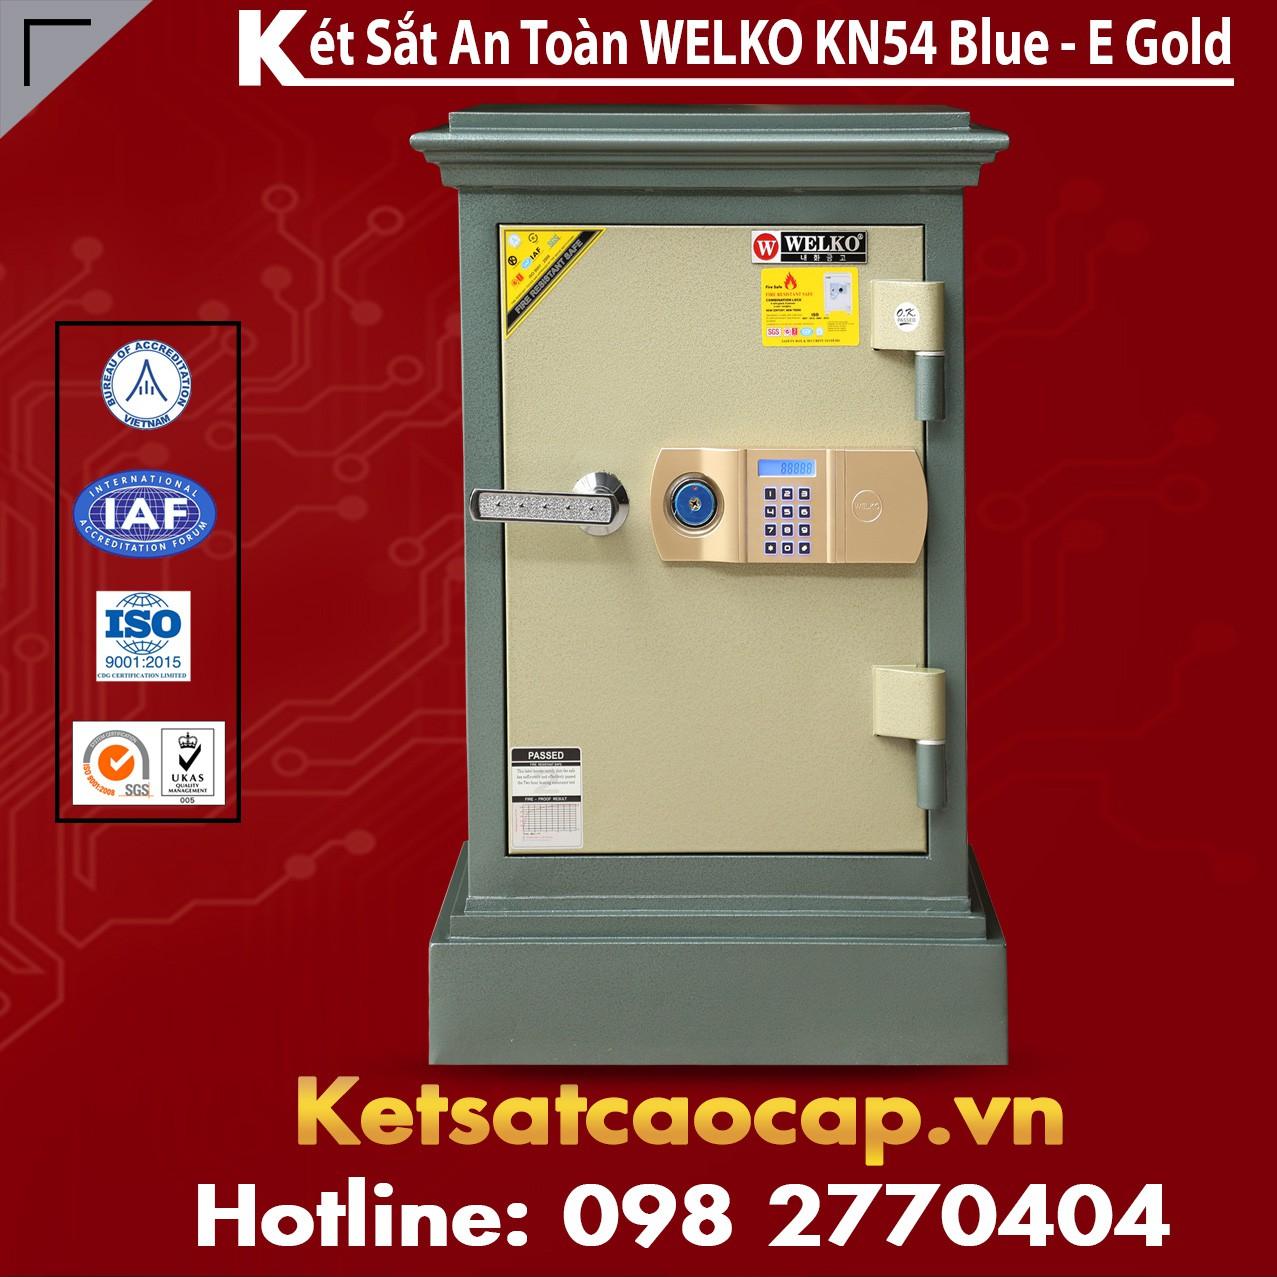 Két Sắt Chống Cháy Sài Gòn KN54 - E Gold